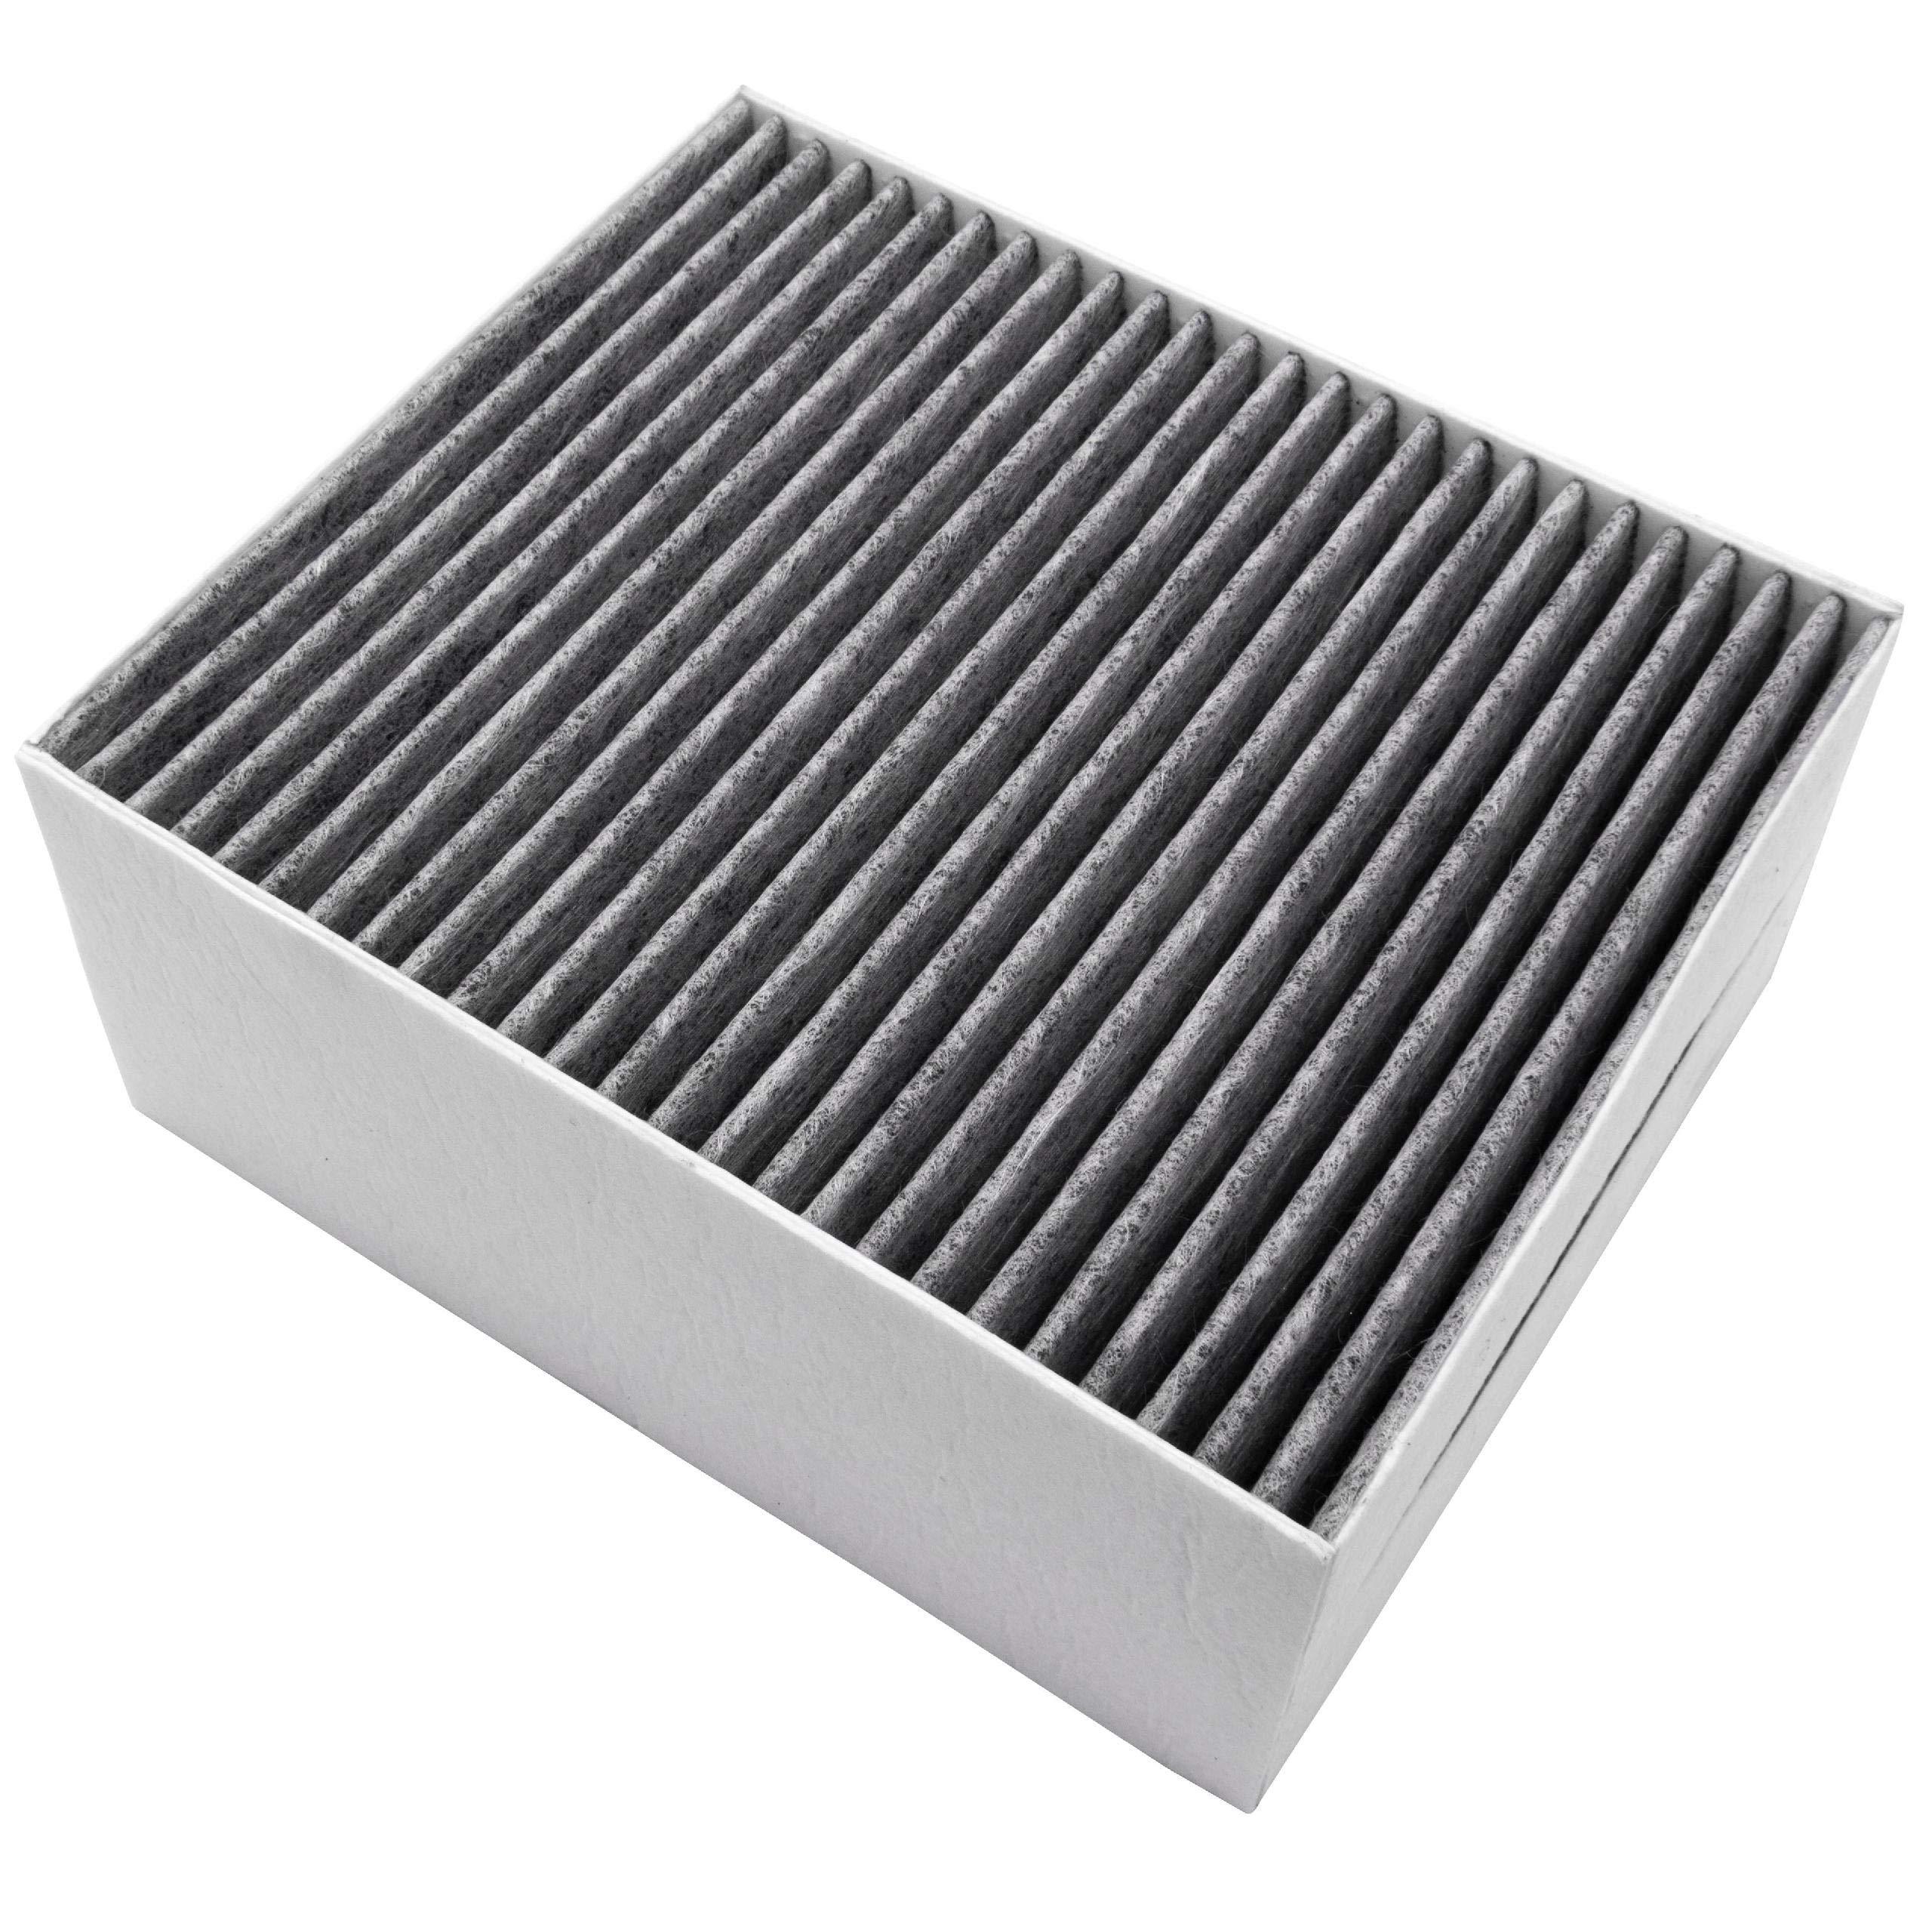 vhbw Filtro de carbón activo adecuado para campanas extractoras de humo Siemens LC97BC532/01, LC97BC532/02, LC97BC532/03, LC97BC542/01.: Amazon.es: Grandes electrodomésticos